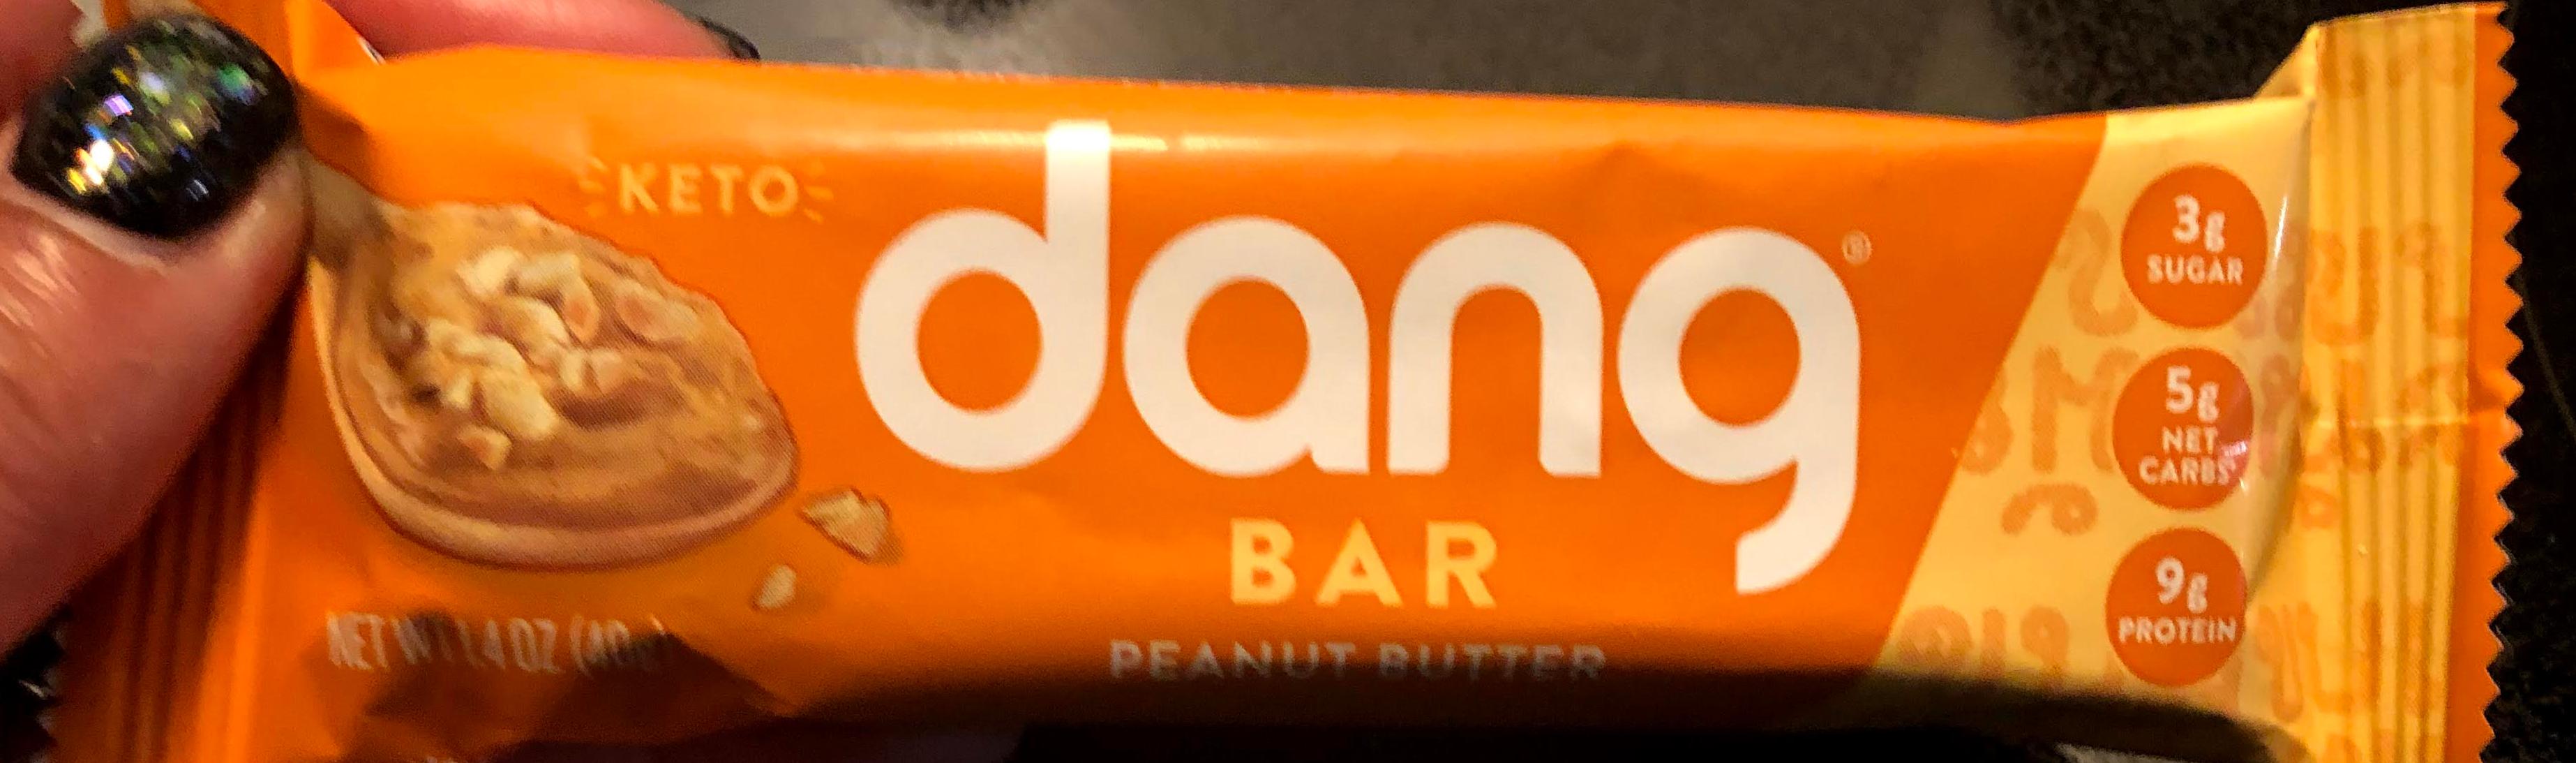 Dang Bar